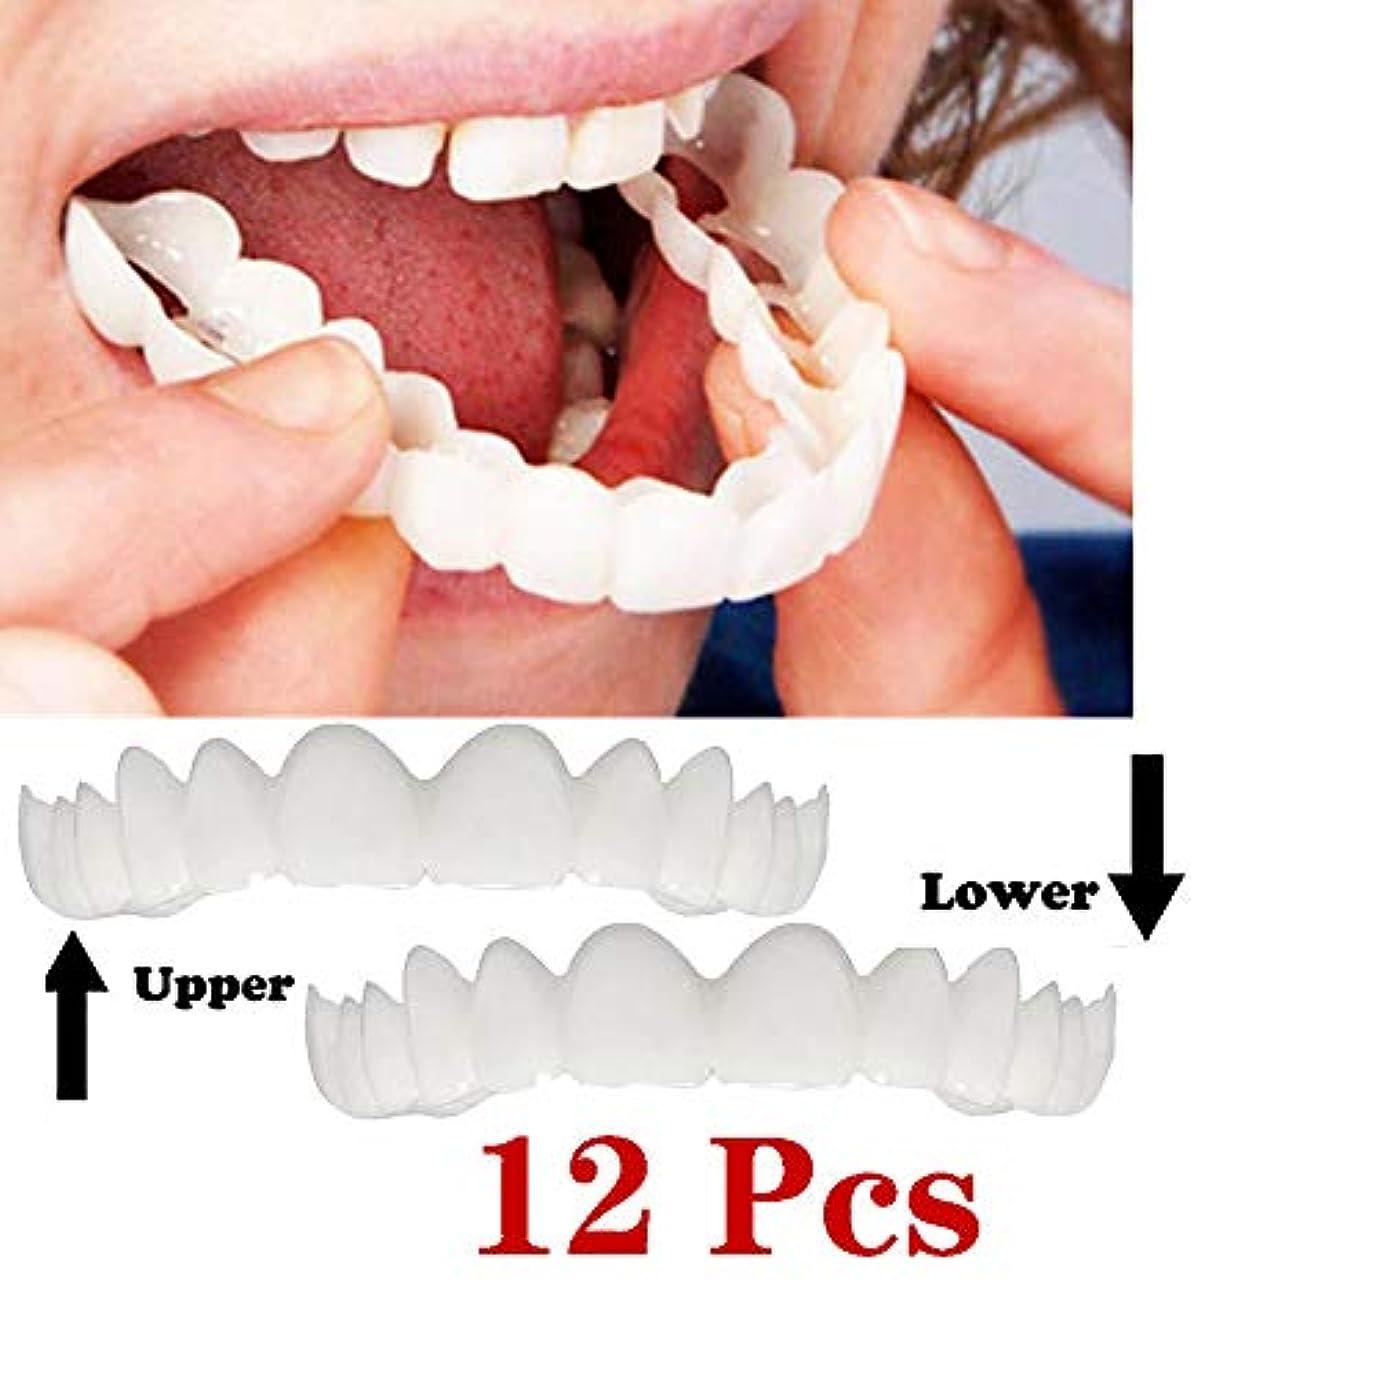 対角線経営者ホイットニー快適な化粧品歯柔軟な義歯一時的な笑顔悪い歯黄色い歯黒い歯ホワイトニング義歯ケアブレース - 6セット(下+上)